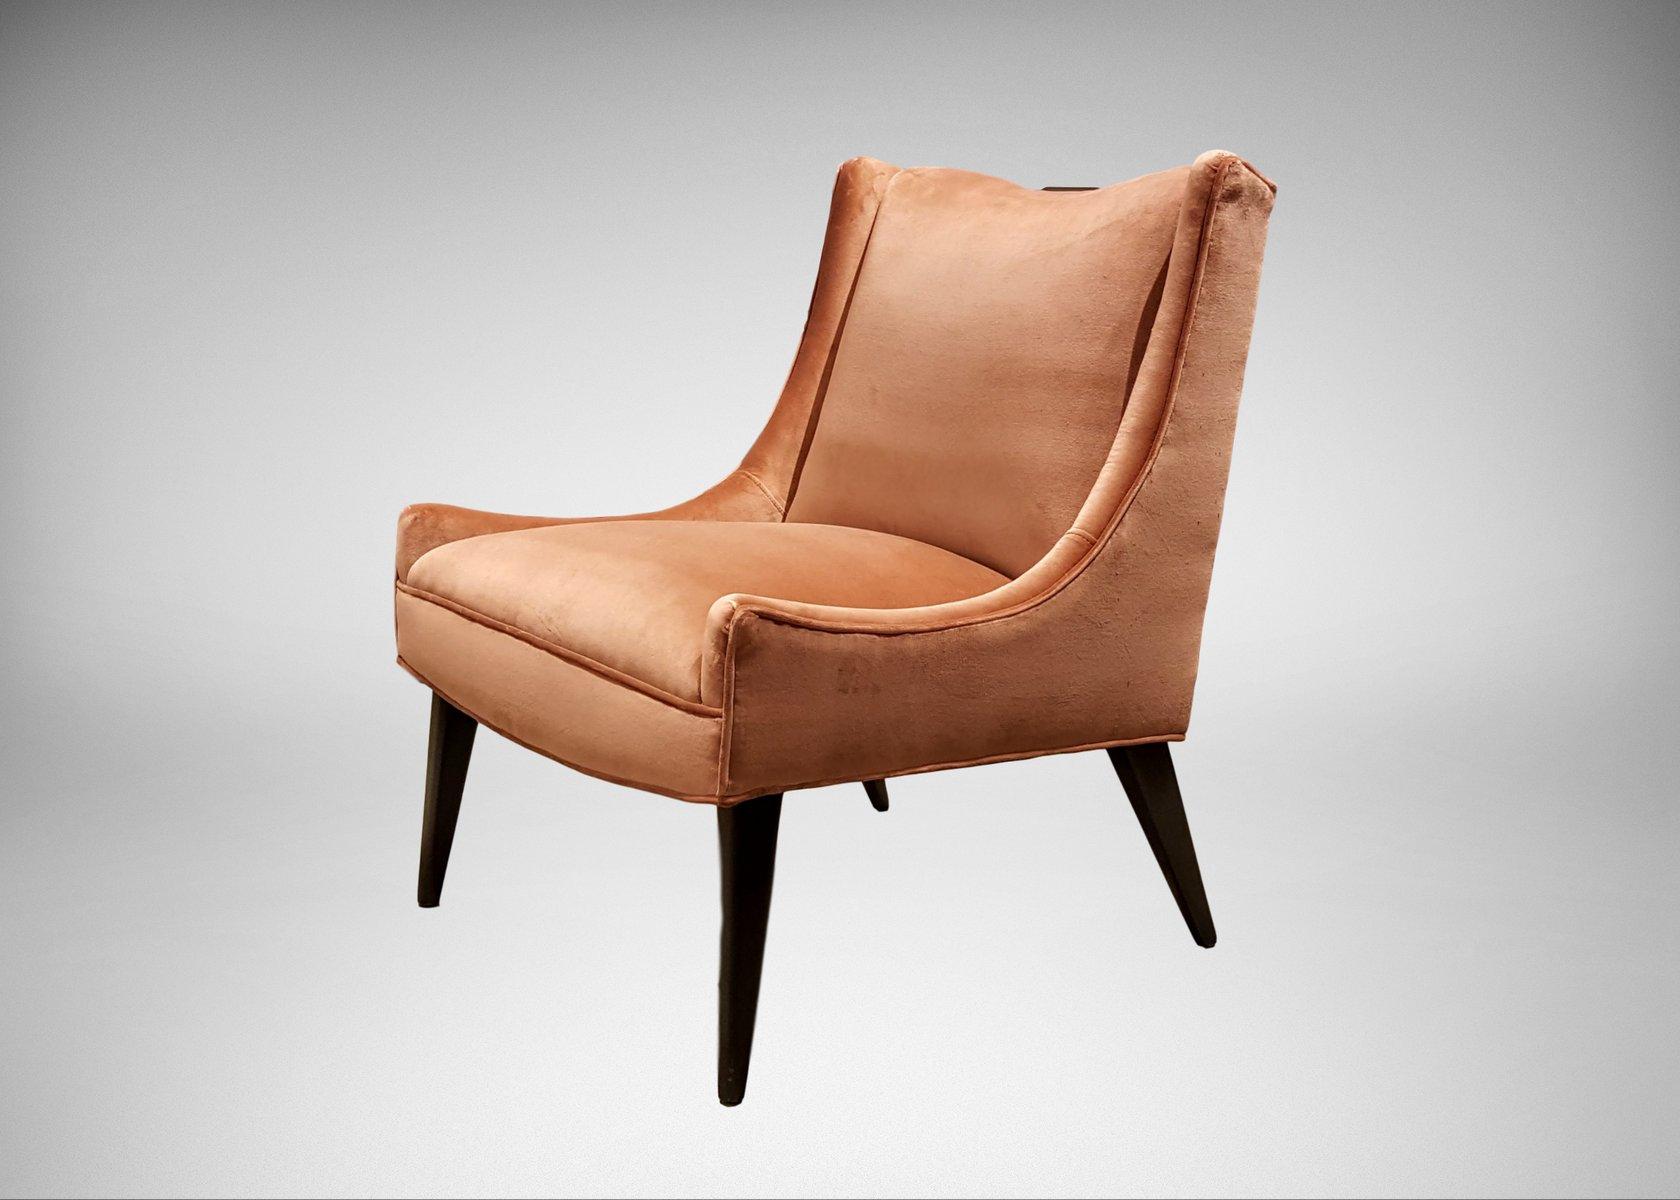 Slipper Chair in Rosy Salmon Velvet by Harvey Probber 1960s for